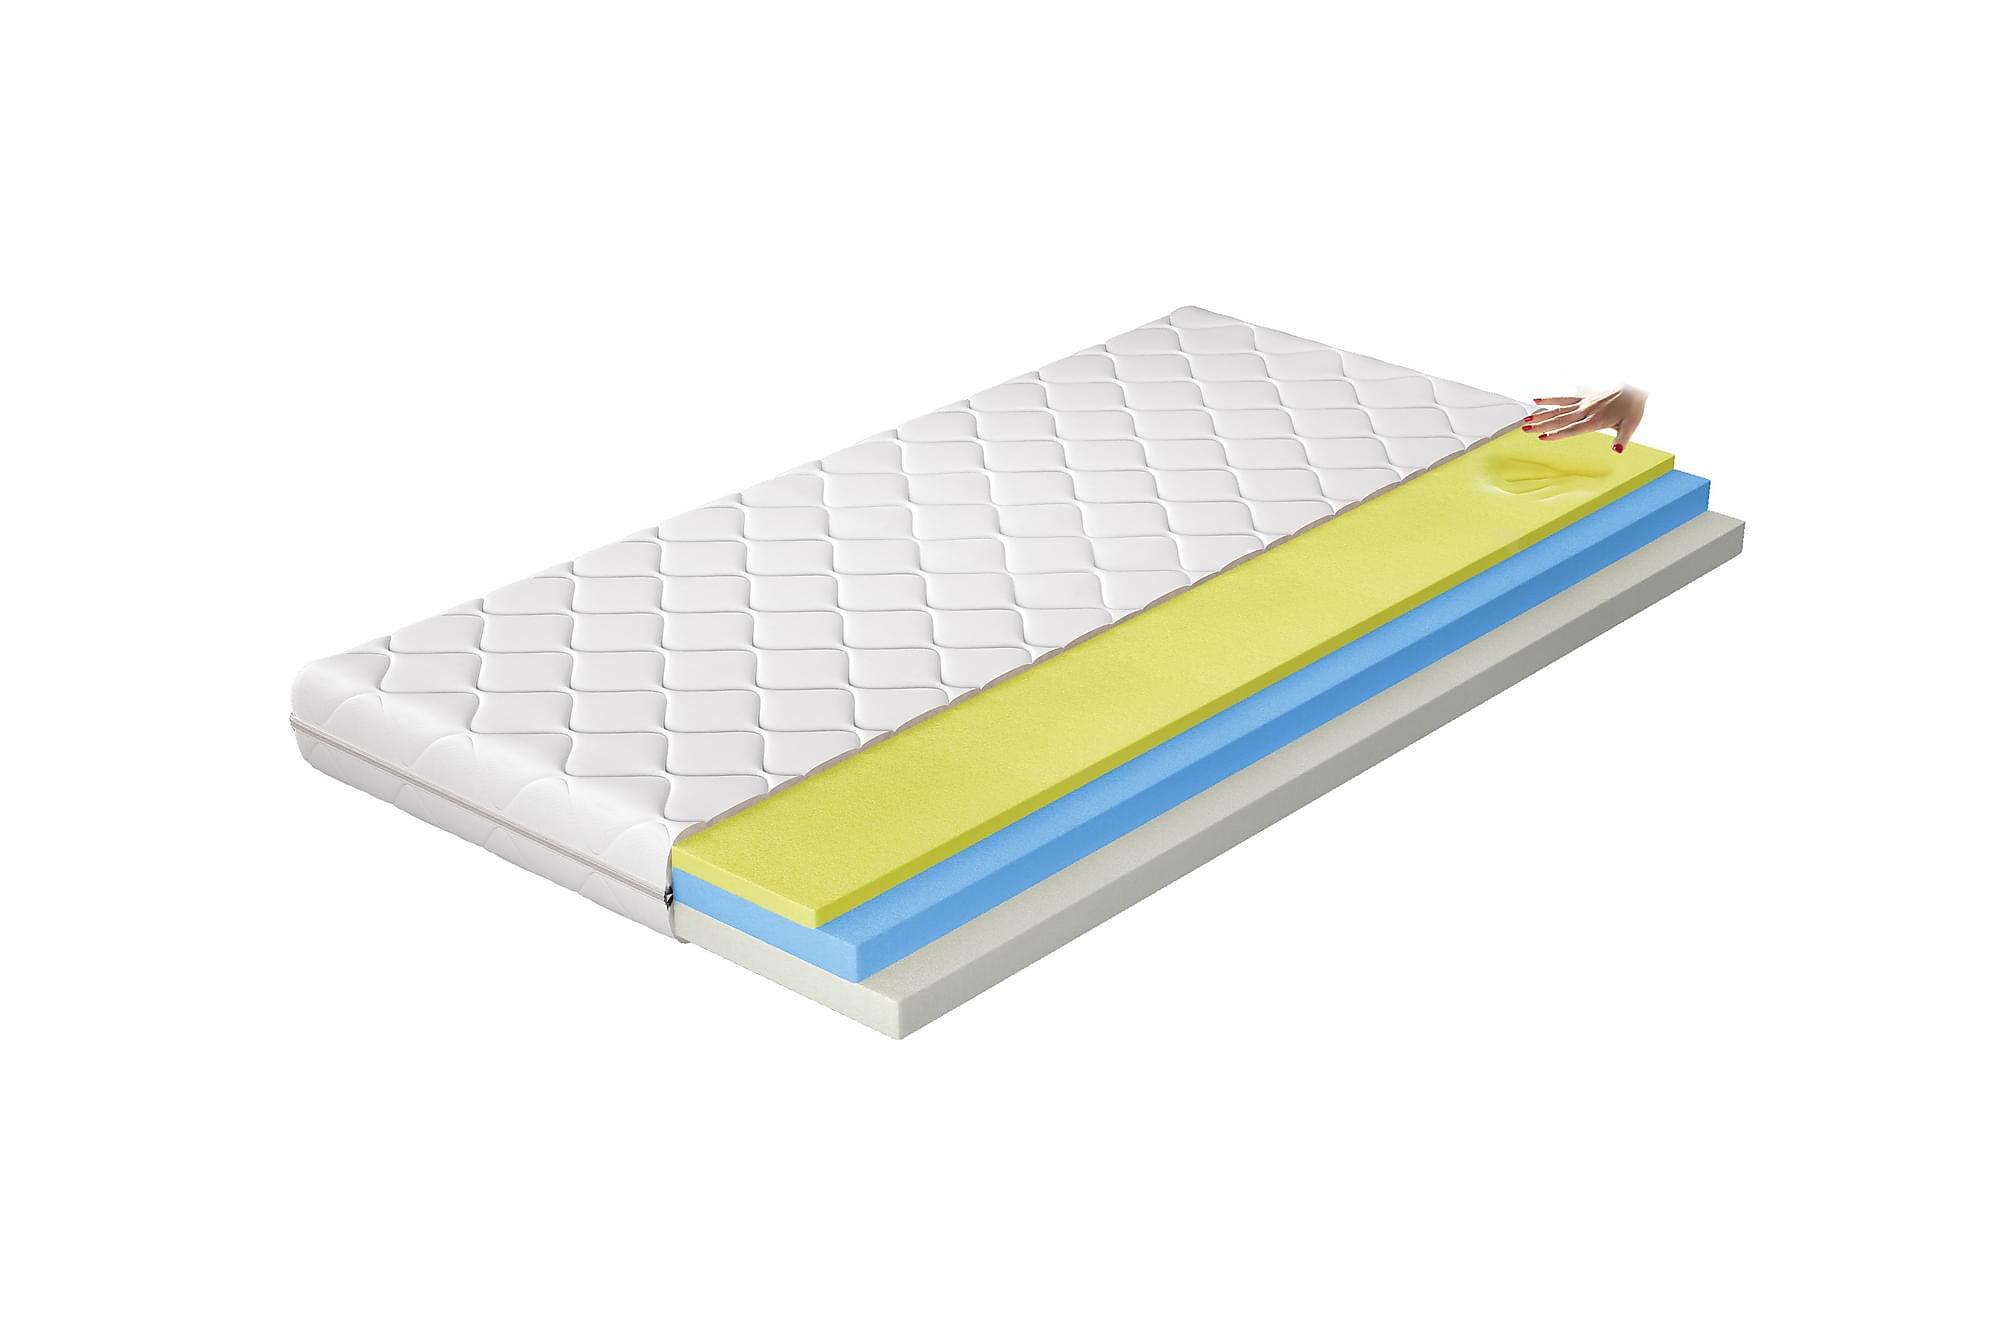 AJANEDO Madrass 200x200 cm Vit, Övriga madrasser & tillbehör